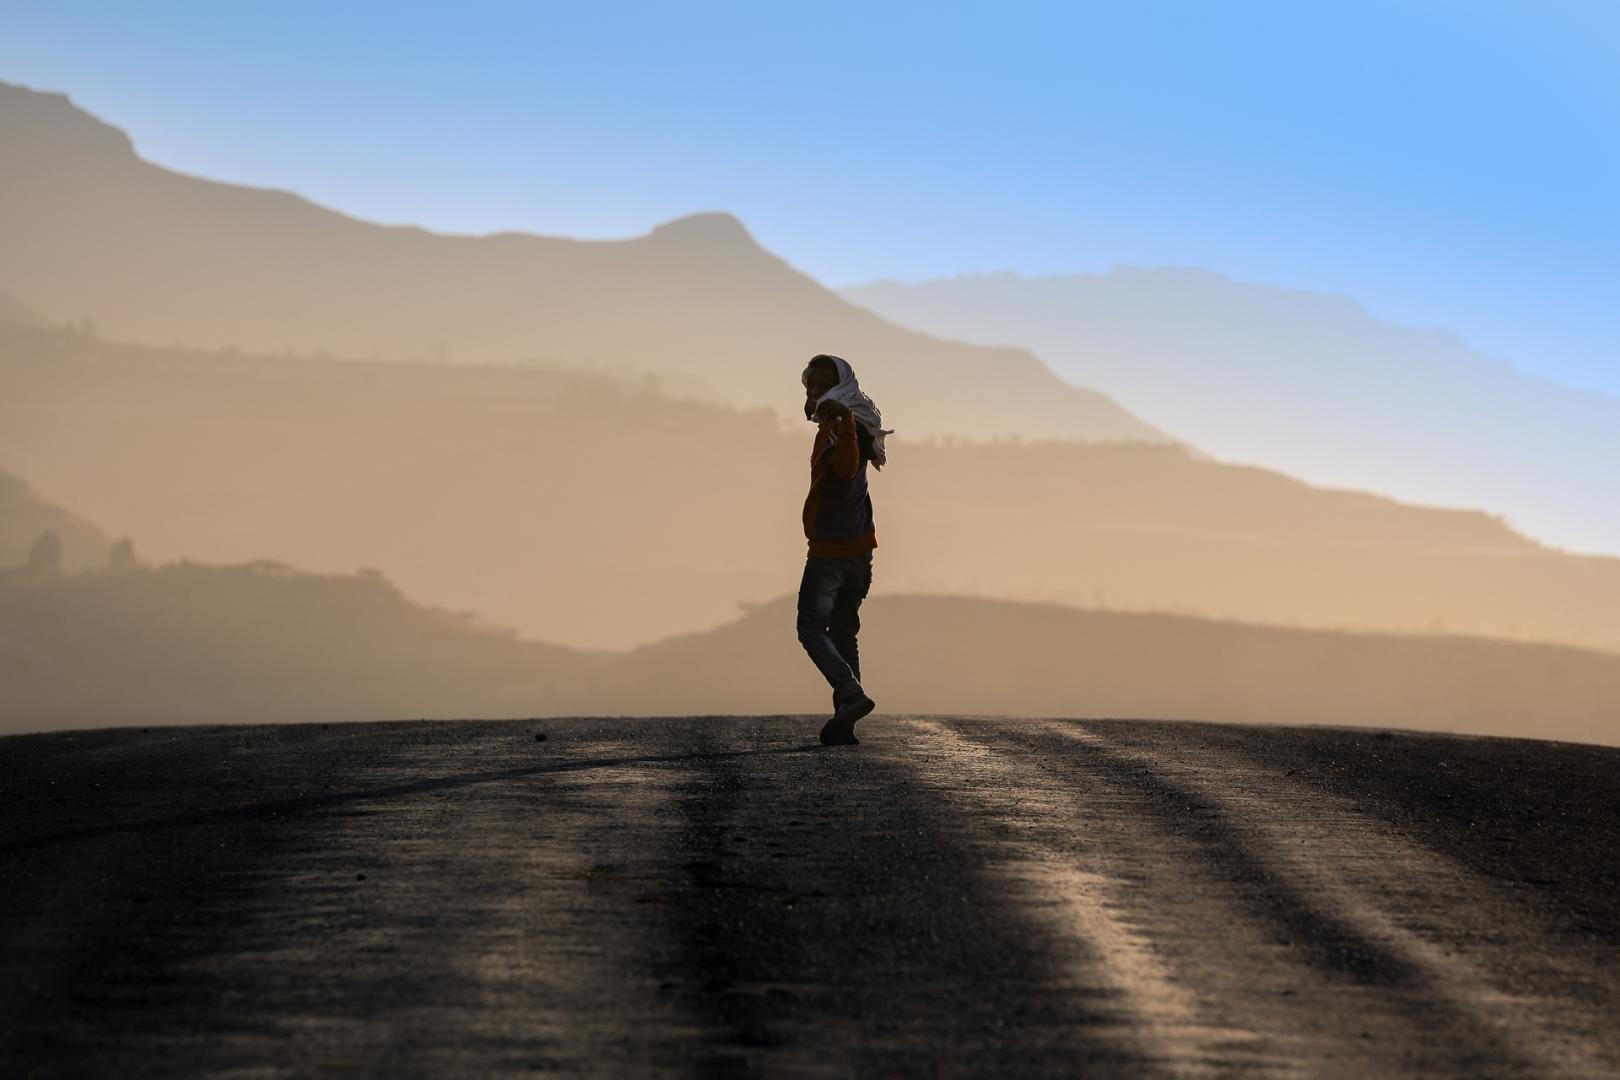 Gentes e Locais/One step at a time